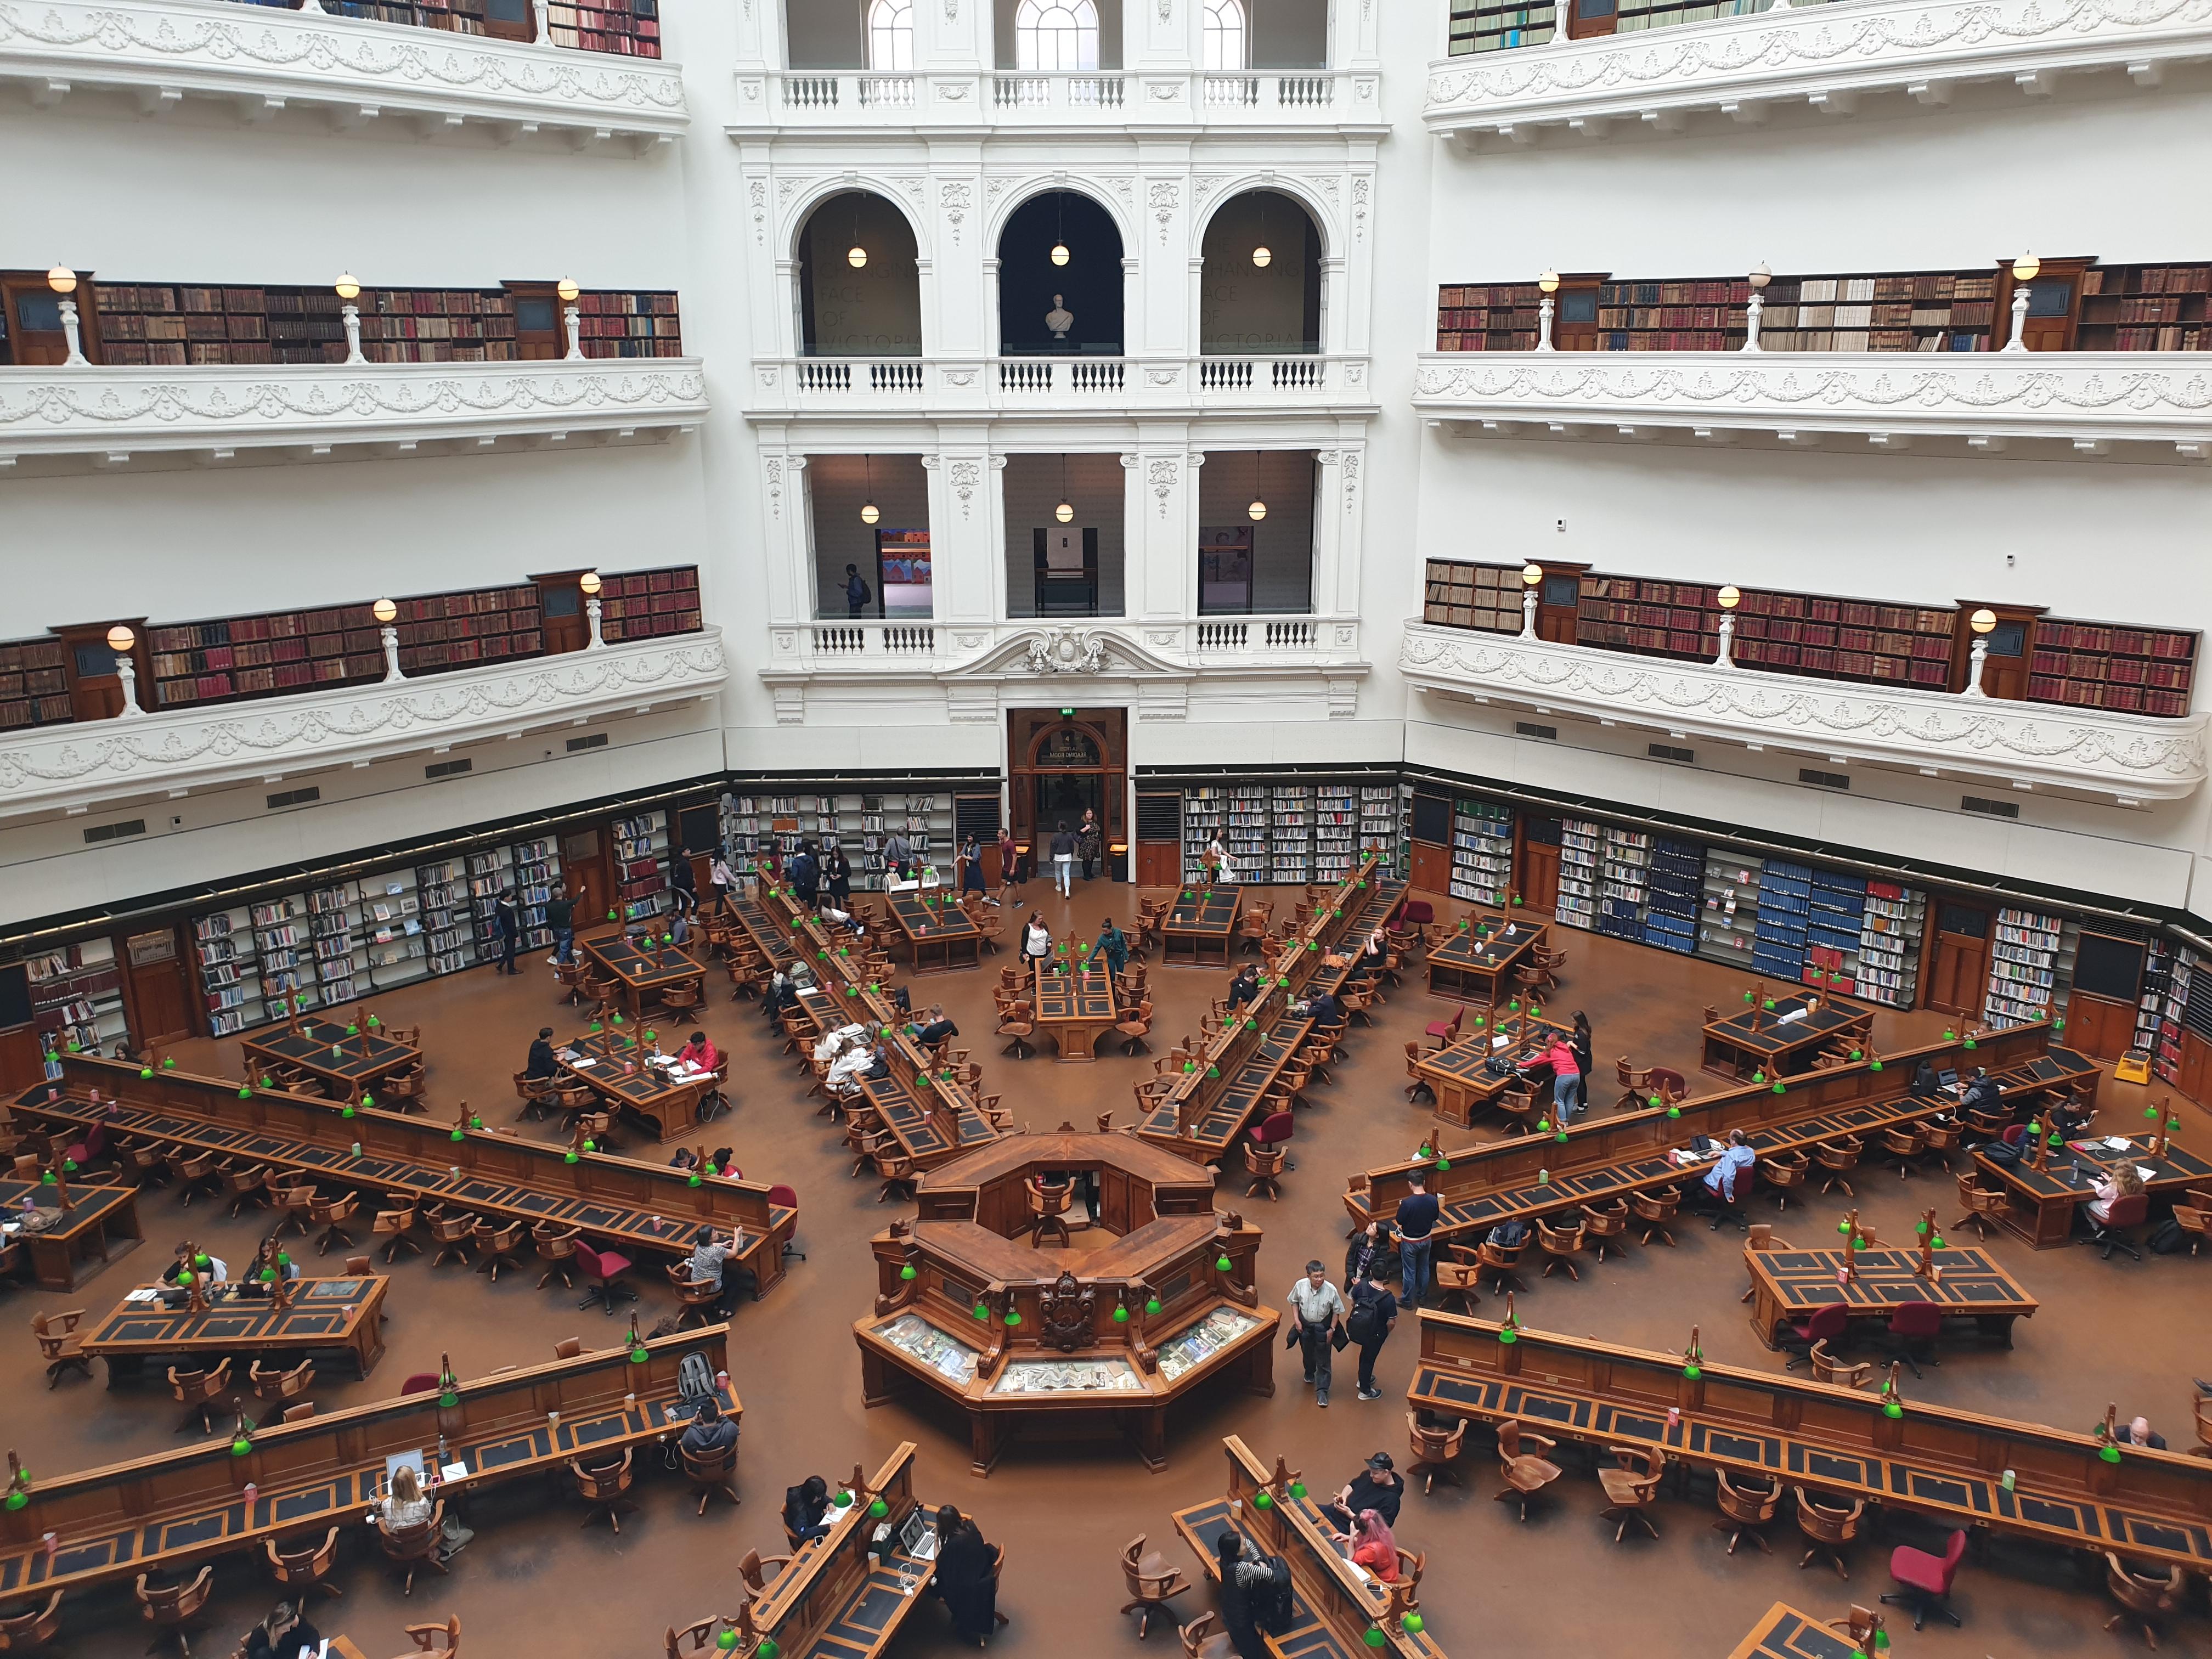 ビクトリア州立図書館はただキレイなだけじゃない!